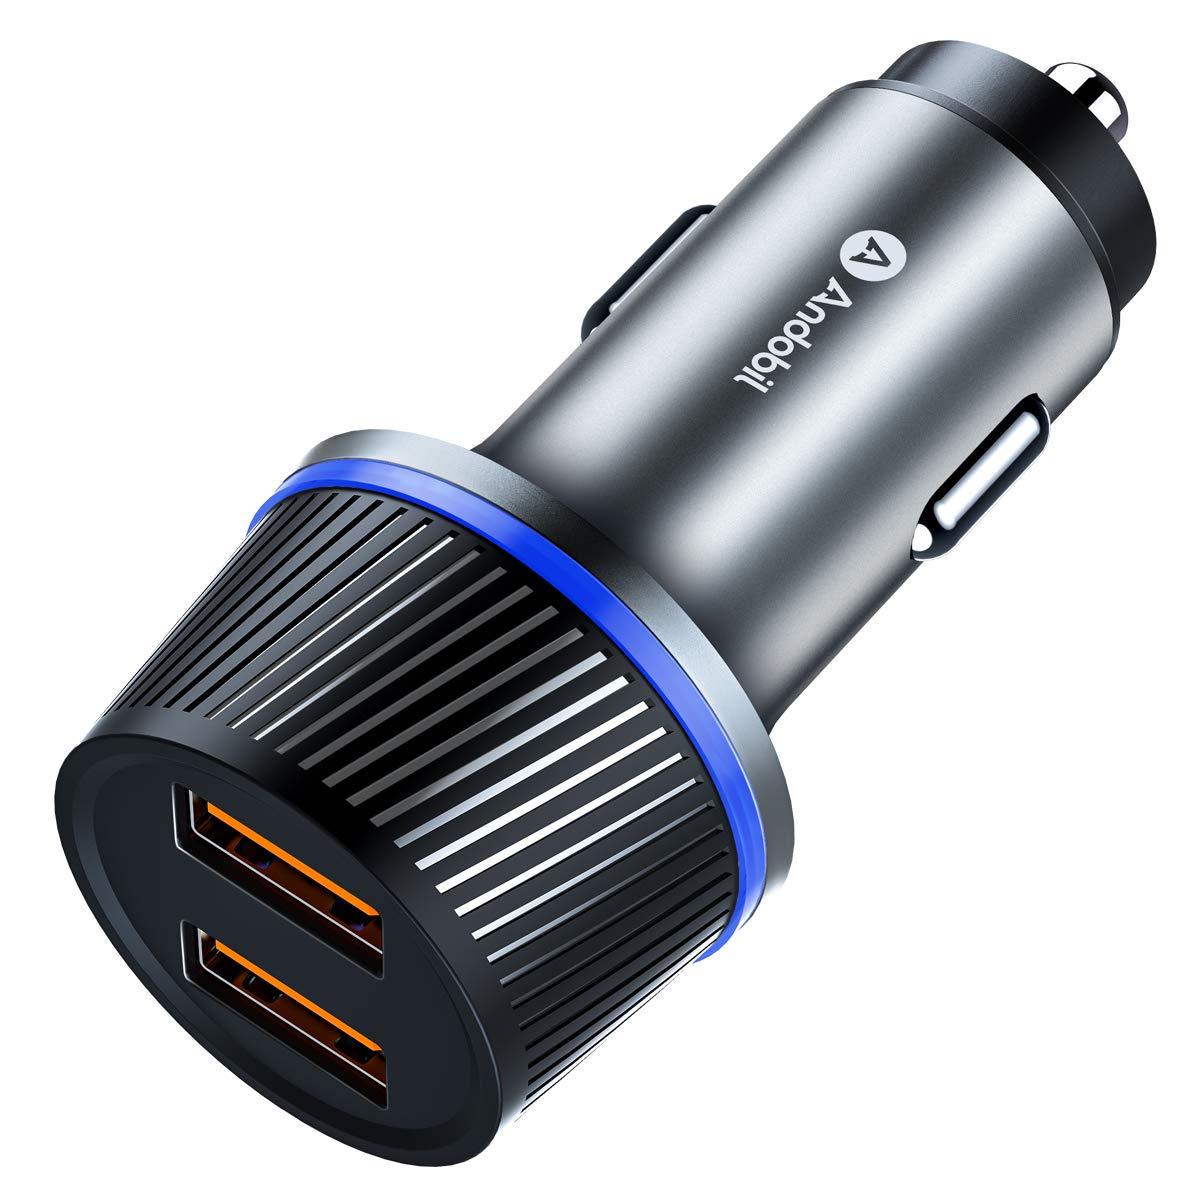 Cargador para Auto USB ANDOBIL (7GGHSBZZ)